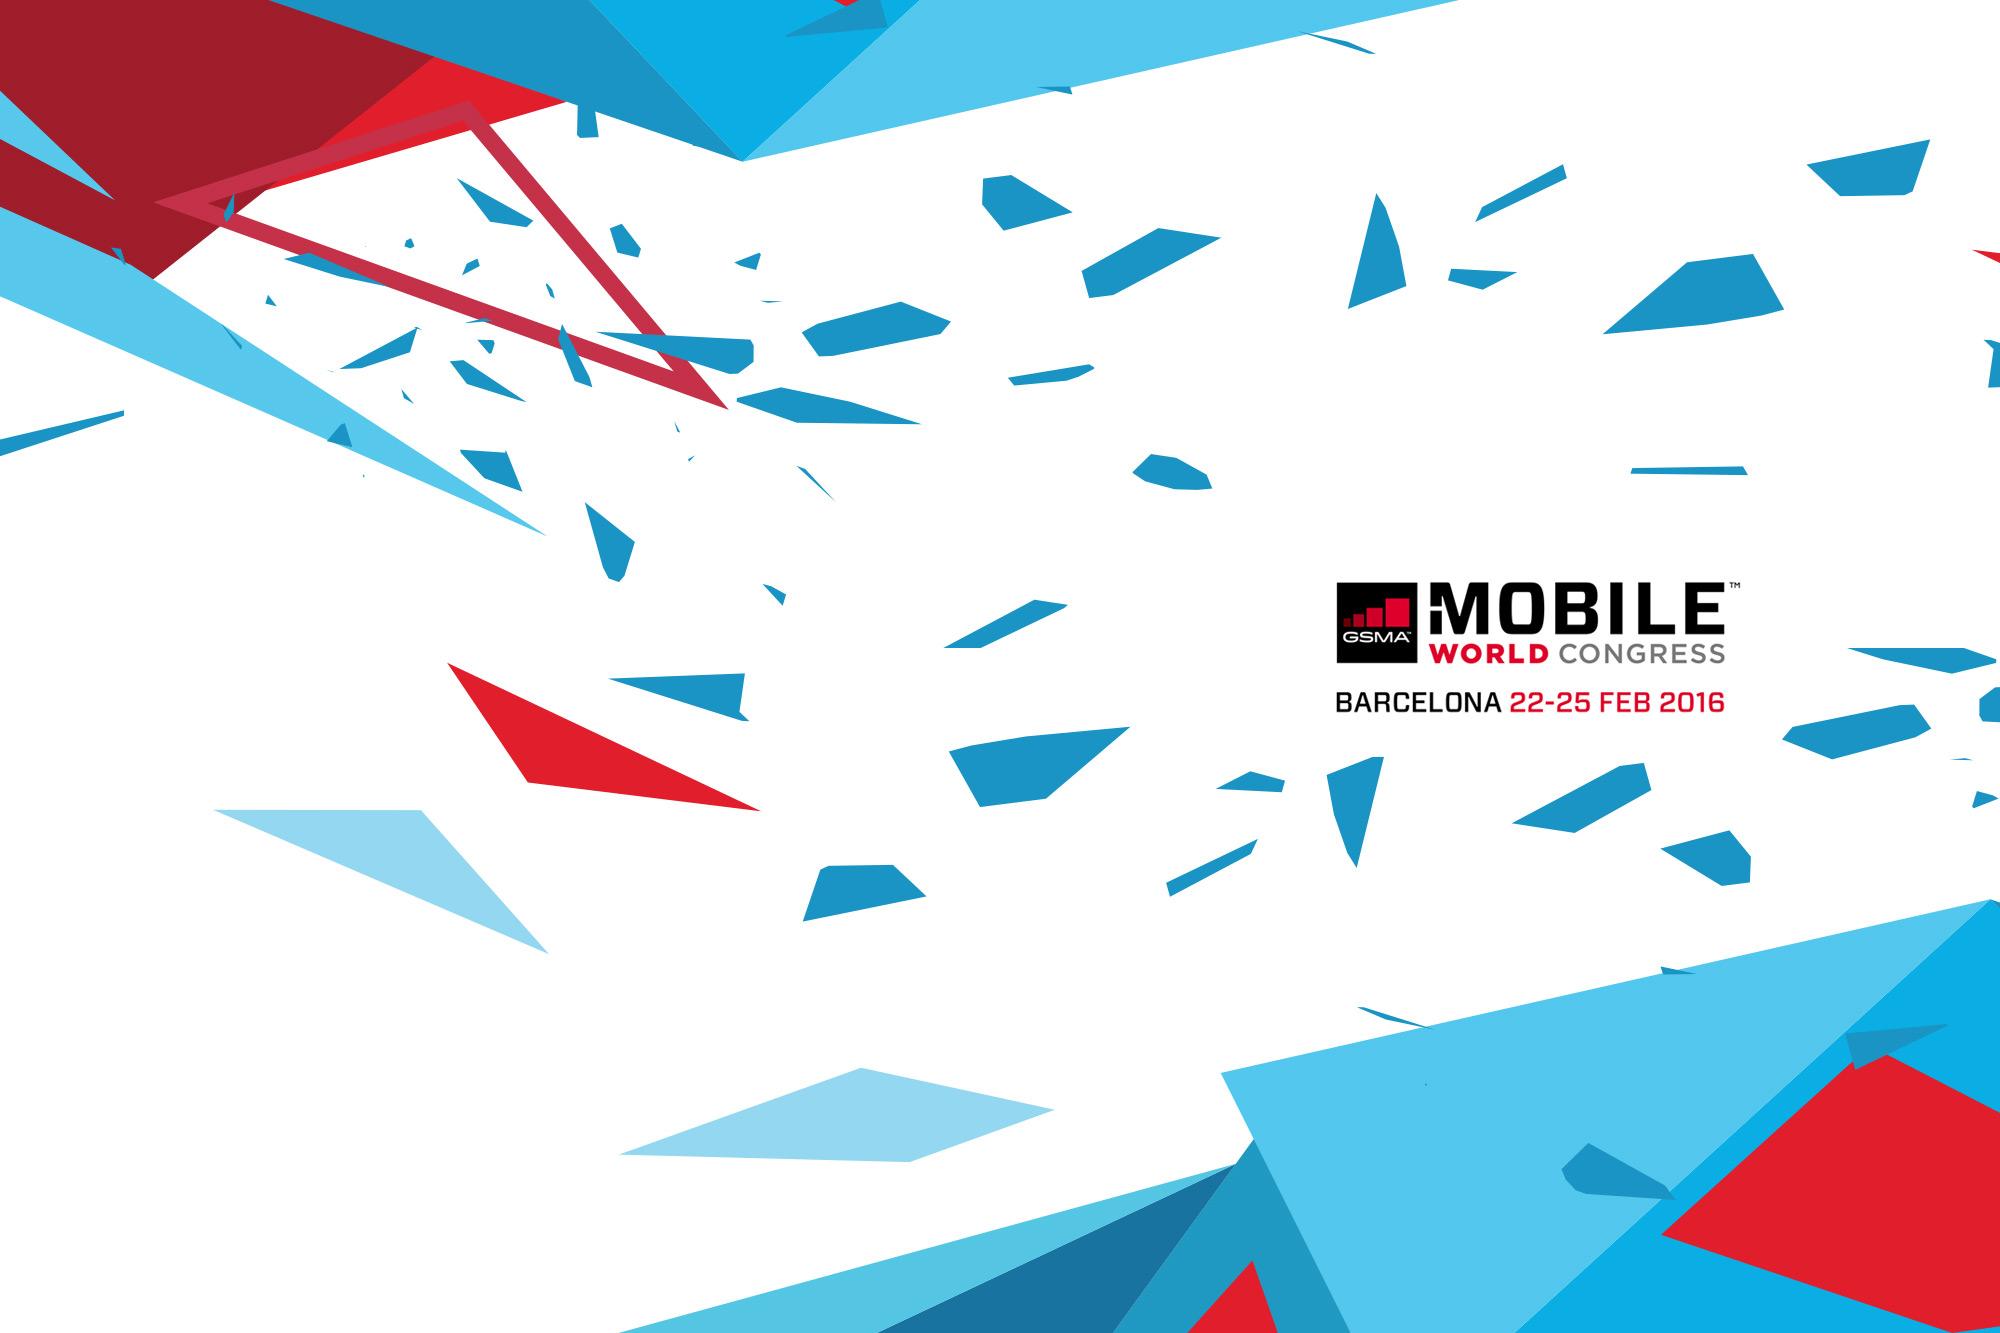 MWC 2016 : dates et conférences, les principales nouveautés du salon de Barcelone